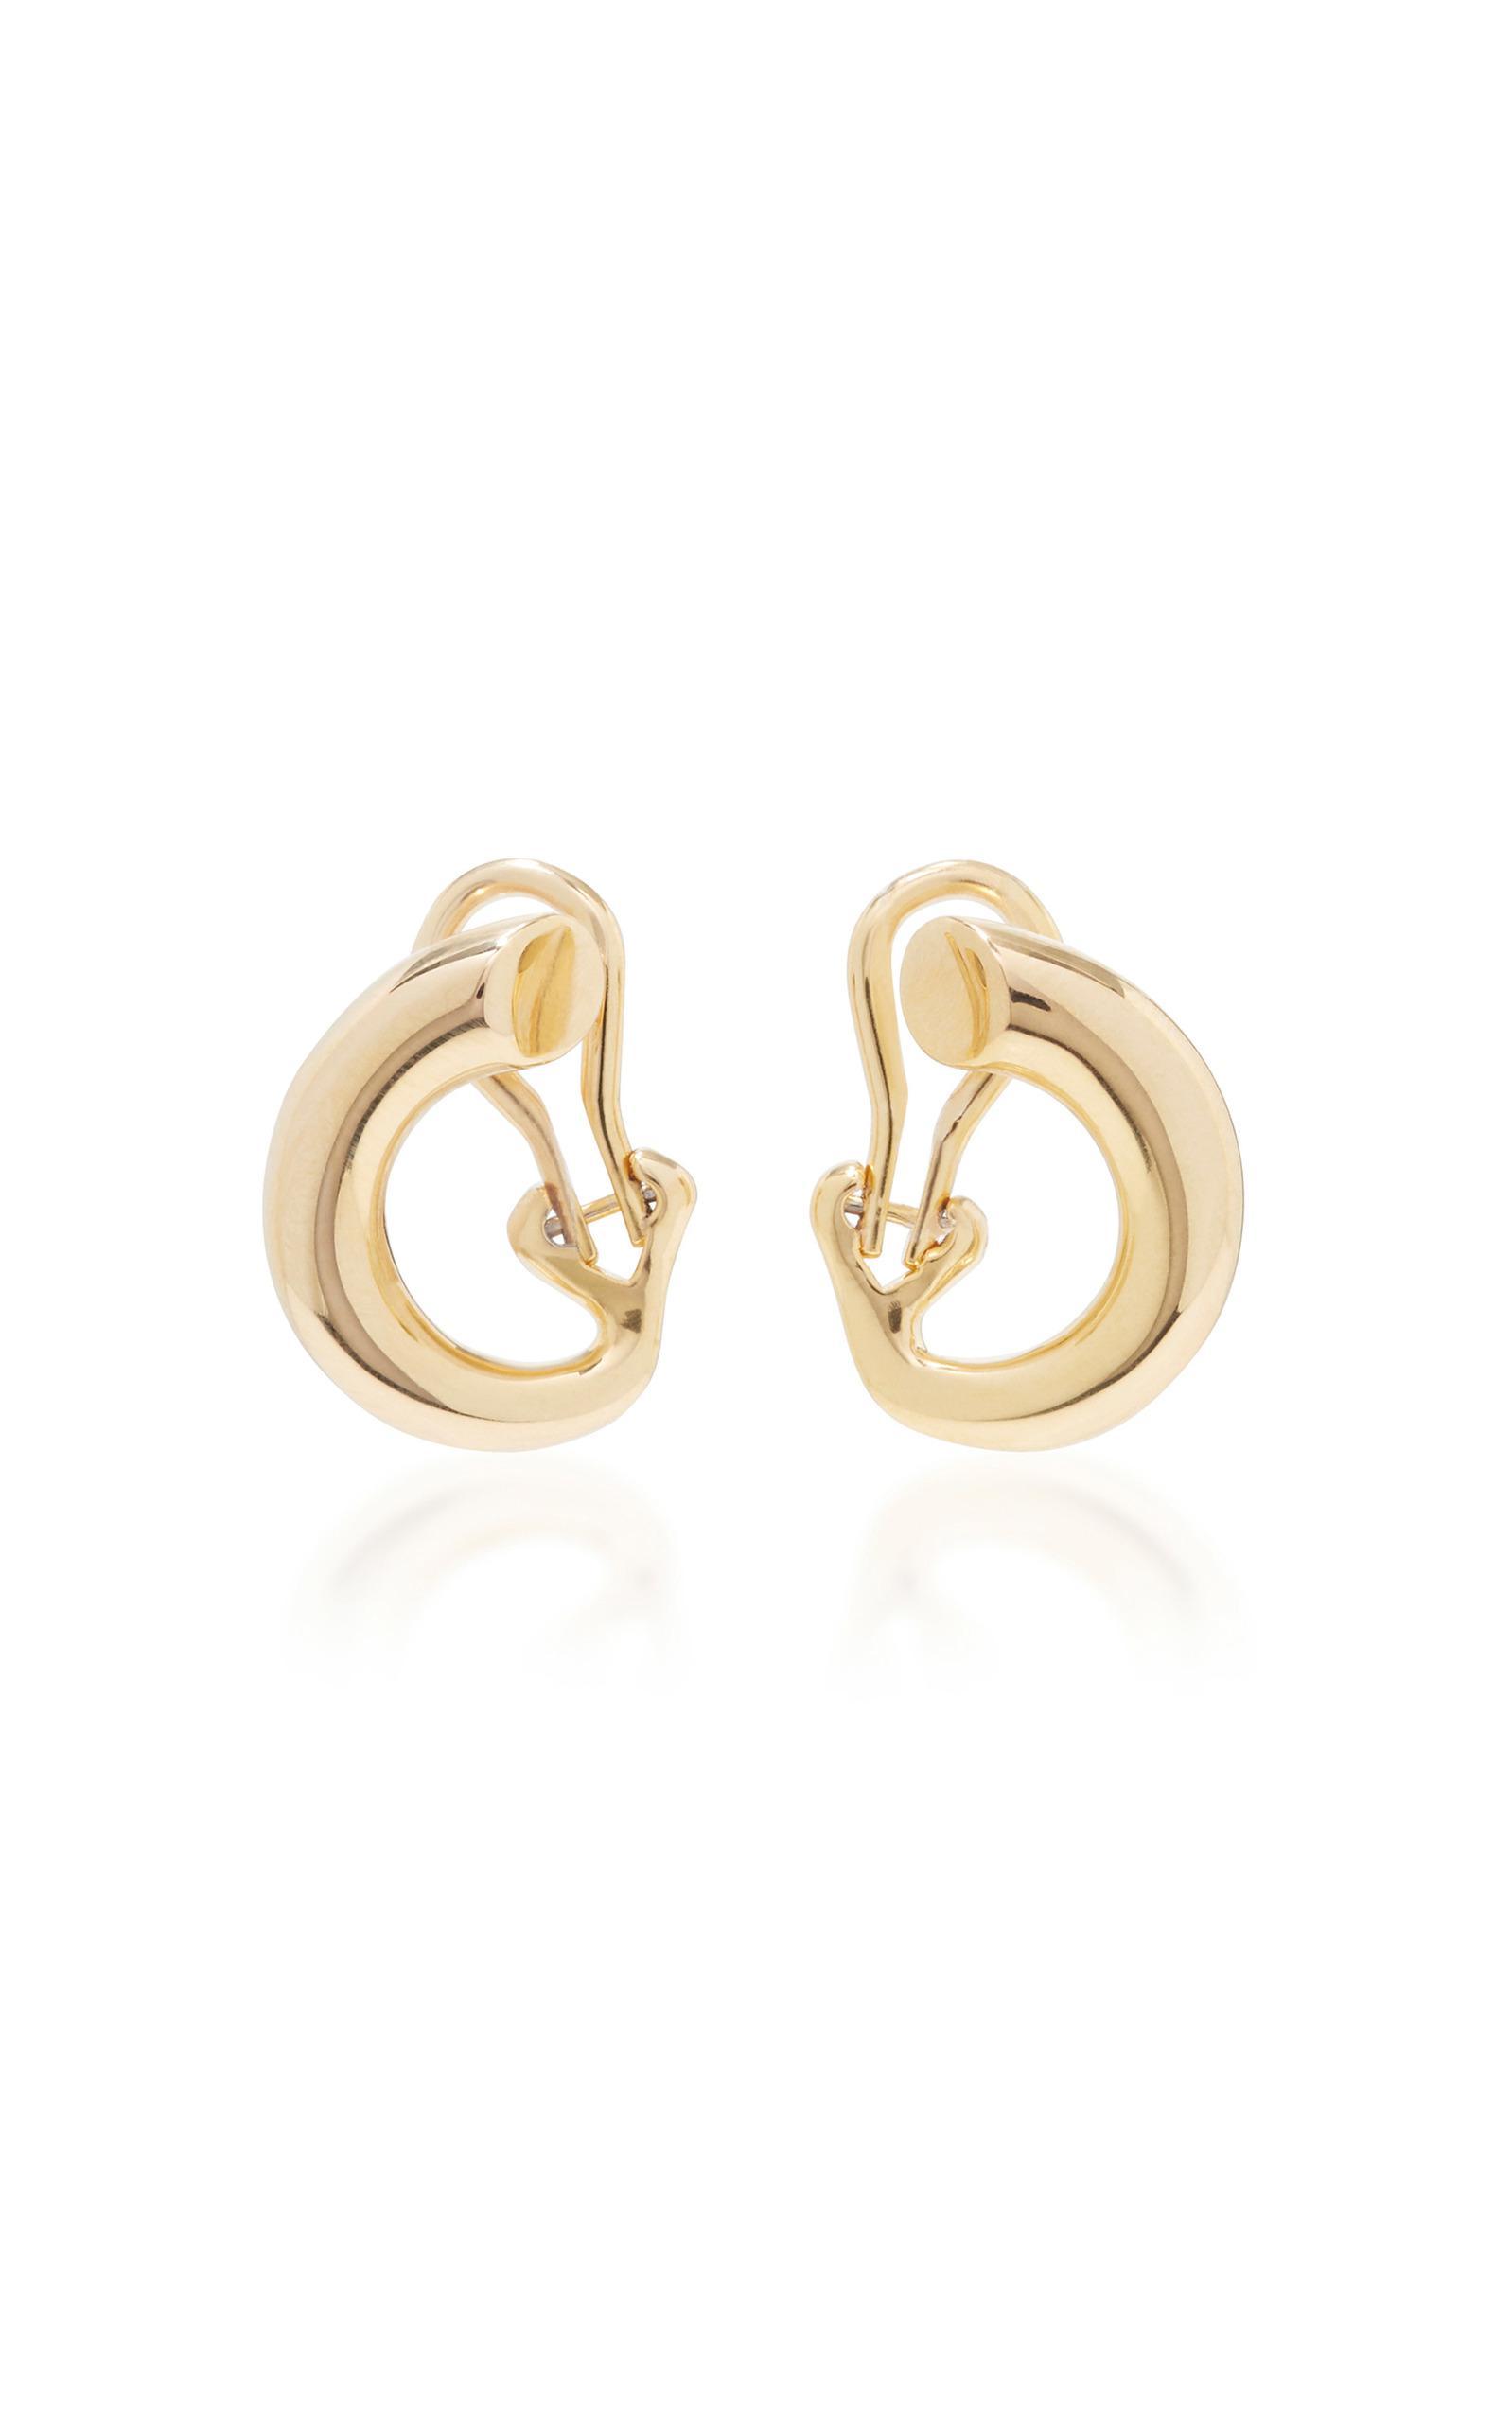 Gold Monie earrings - Metallic Charlotte Chesnais c0UgMl